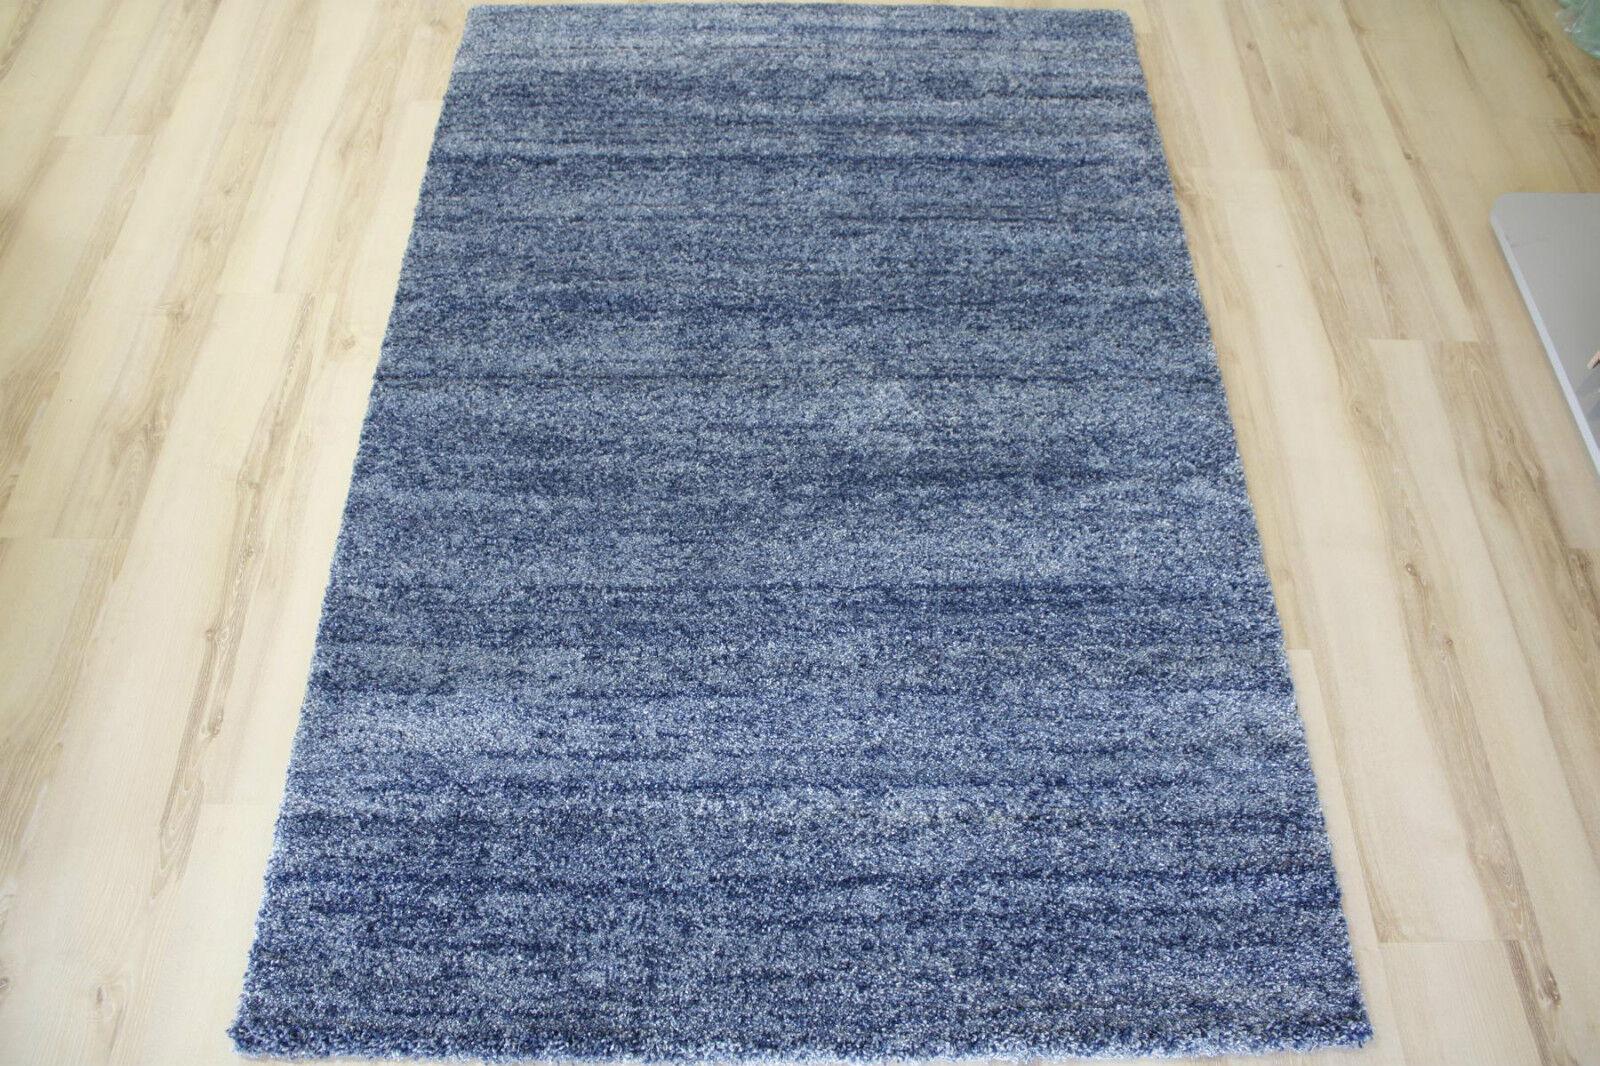 ASTRA samoa tapis 6870 150 020 bleu 240x300cm NEUF